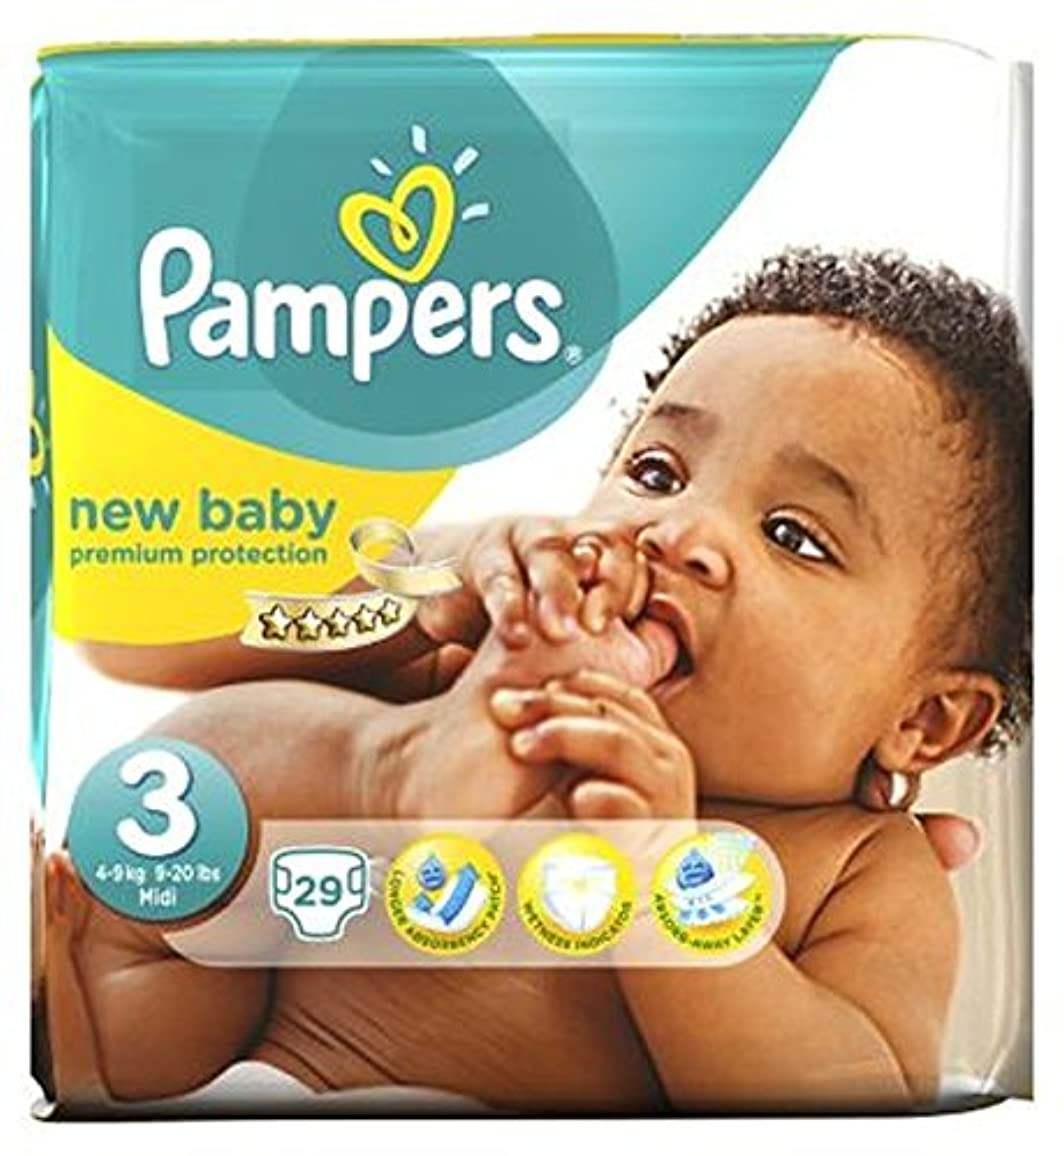 機構試す池パンパース新しい赤ちゃんのおむつのサイズ3から29おむつ (Pampers) (x2) - Pampers New Baby Nappies Size 3 - 29 Nappies (Pack of 2) [並行輸入品]